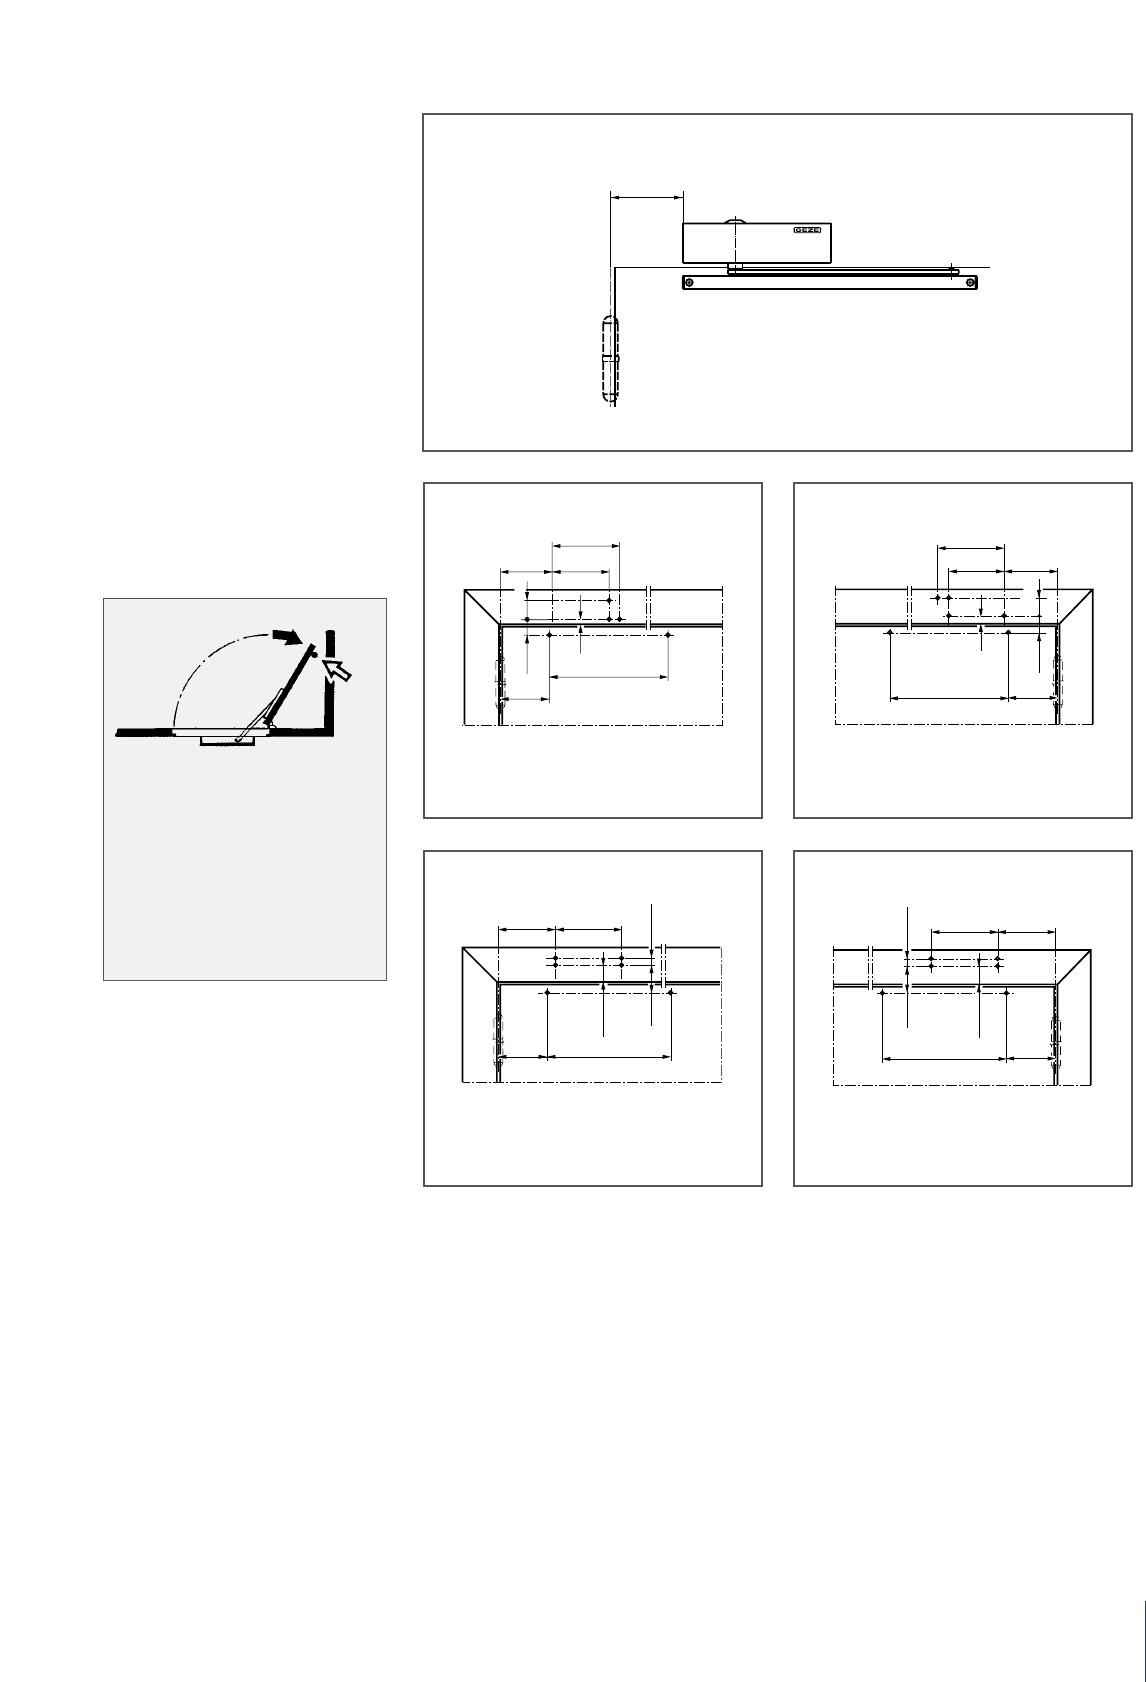 handleiding geze ts 3000 v pagina 6 van 8 nederlands. Black Bedroom Furniture Sets. Home Design Ideas